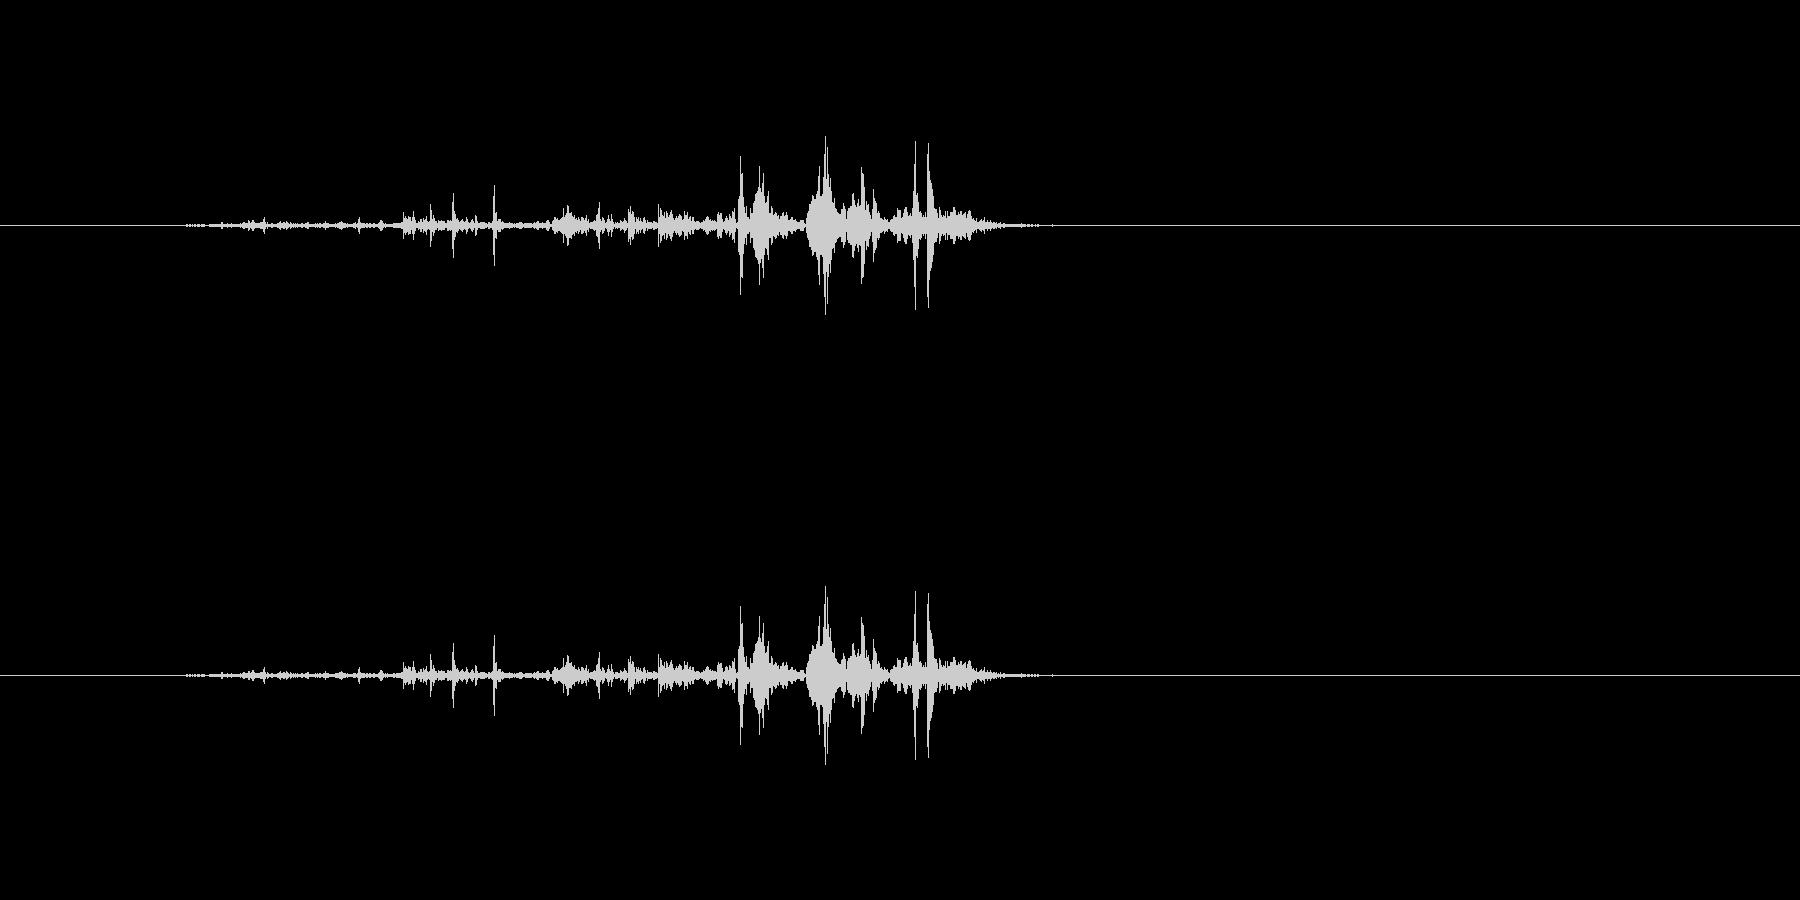 【雑誌01-5(パラパラ)】の未再生の波形